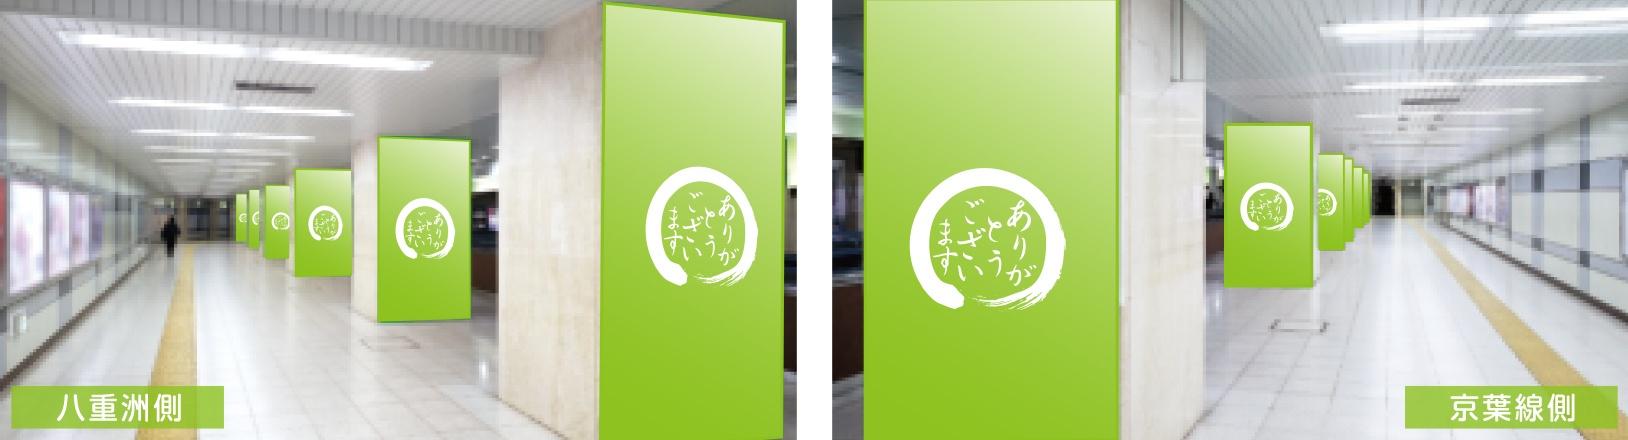 JR東日本 東京京葉通路シート